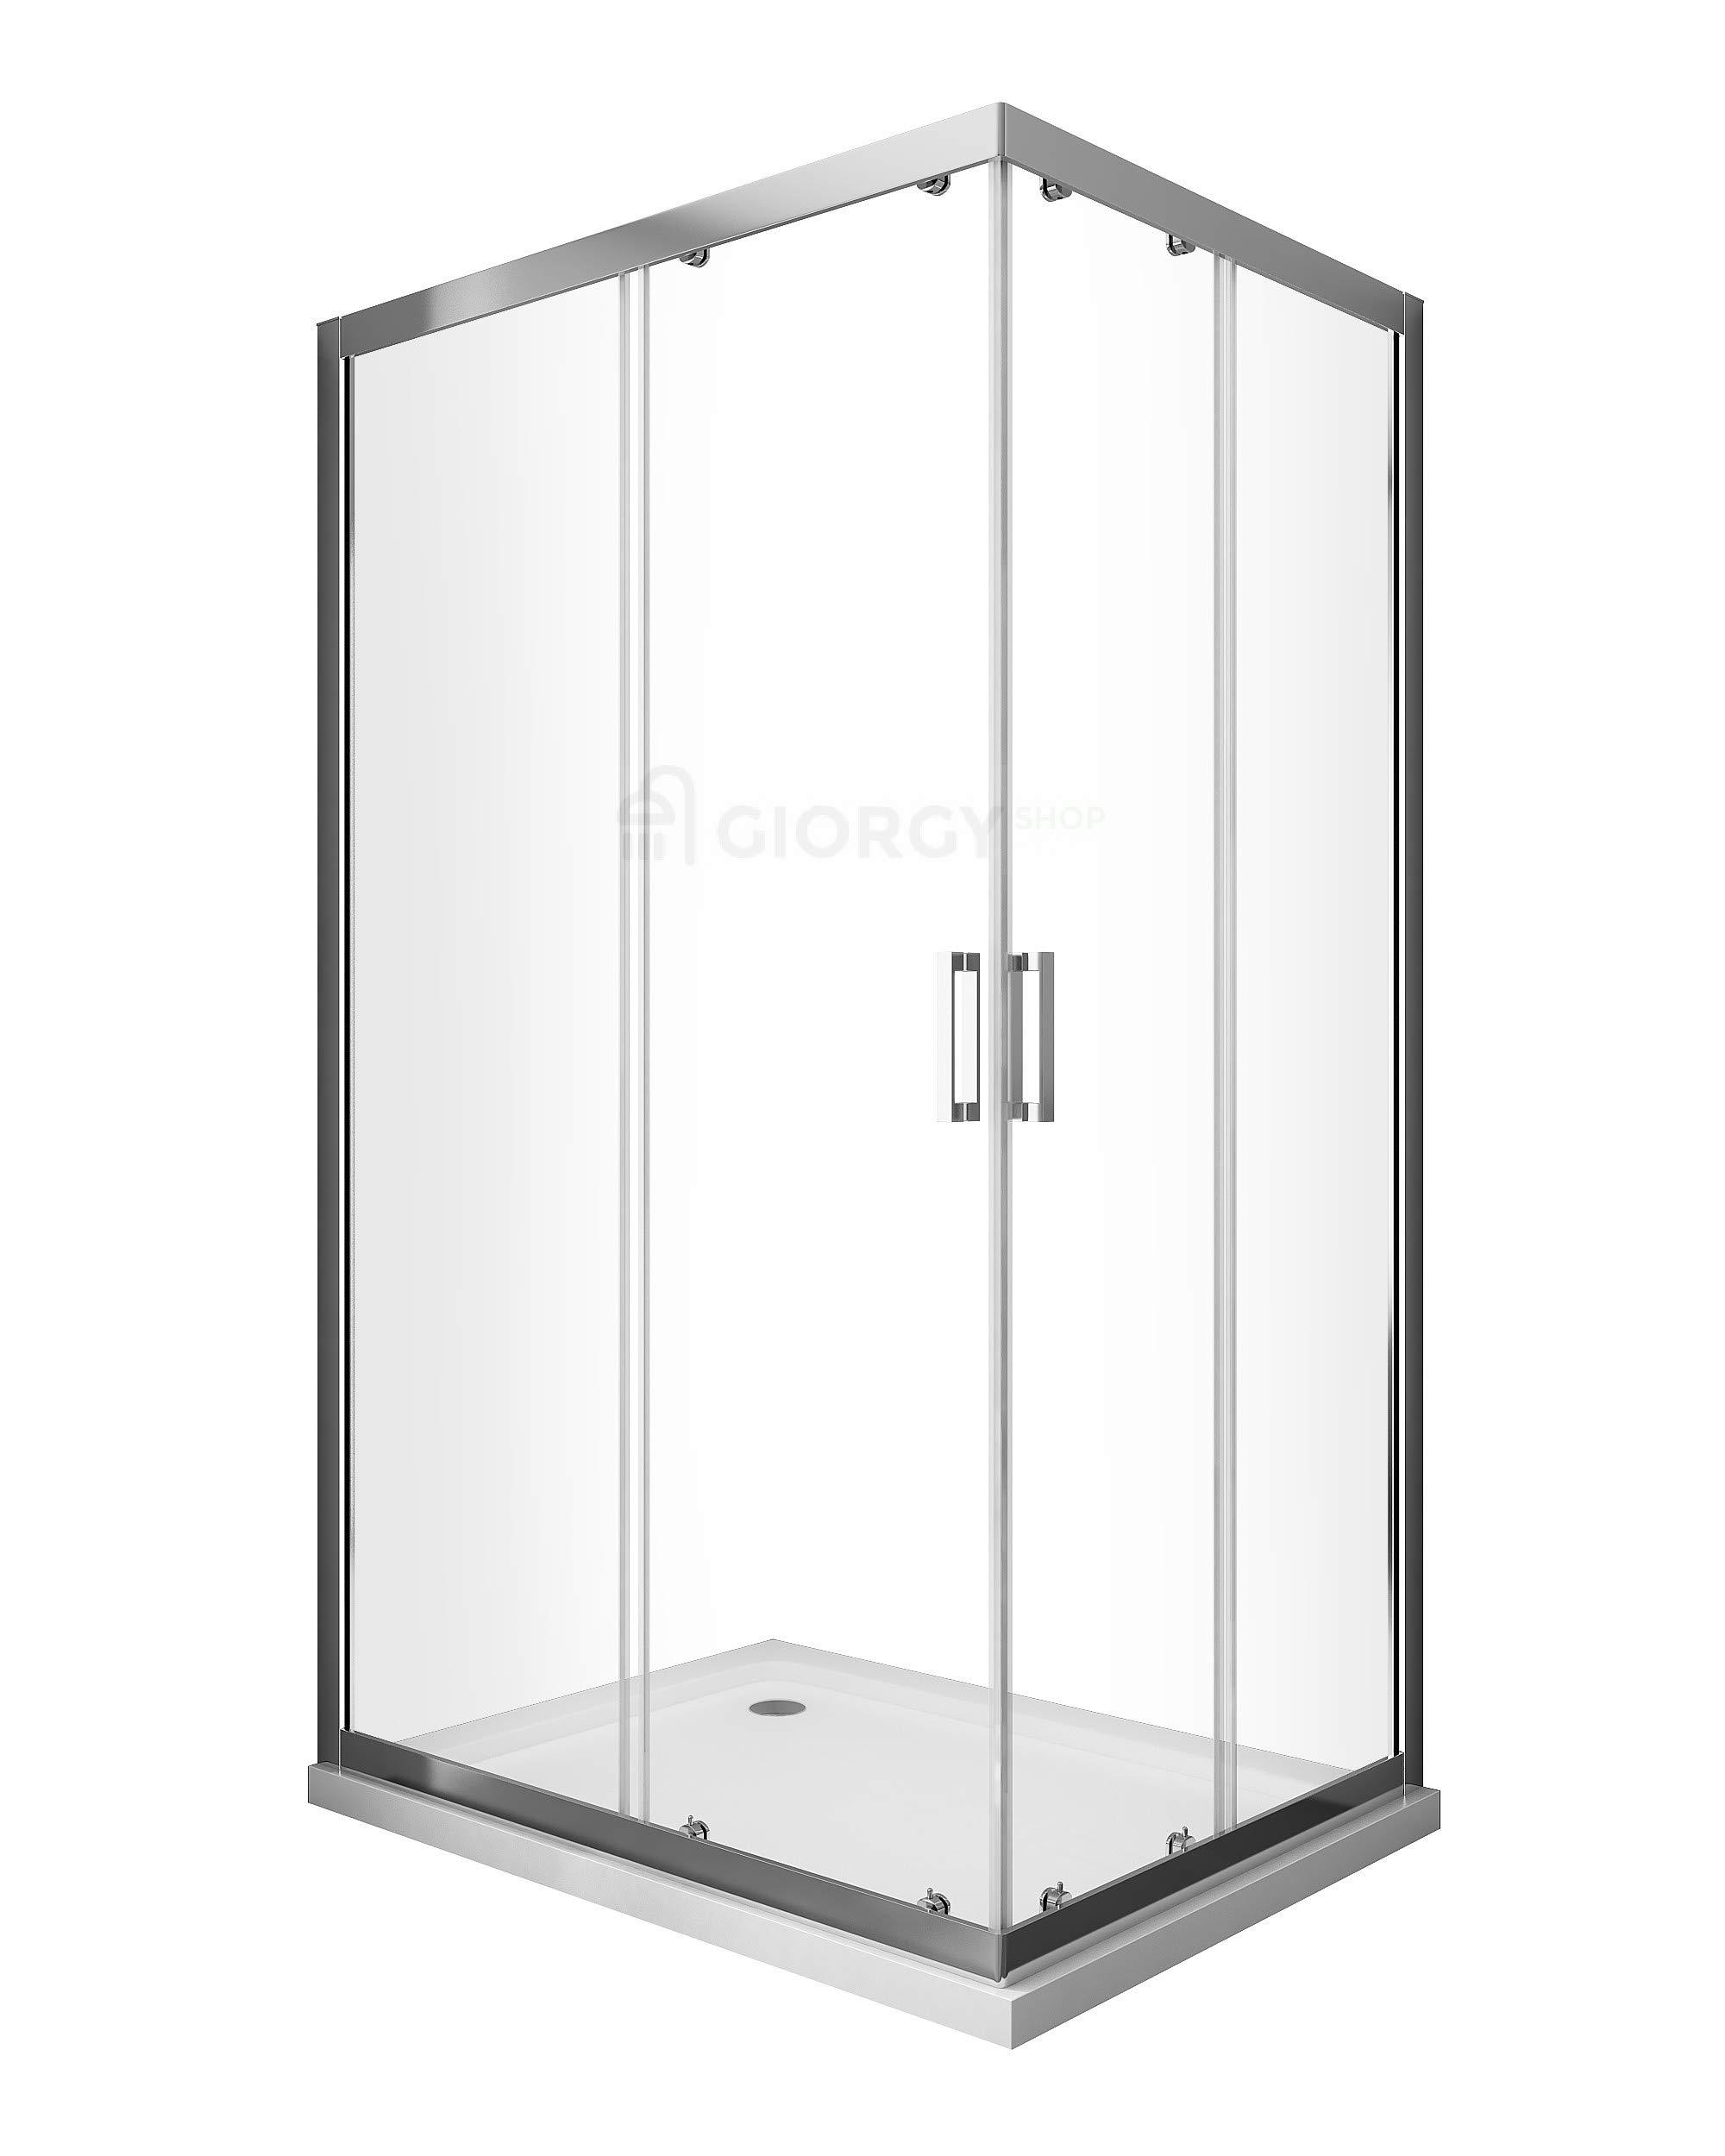 Cabina de ducha rectangular, 70, 75, 80, 90, 100, 110, 120, 130, 140 cm, cristal fácil de limpiar, transparente de 6 mm, antical, apertura, angular, deslizante: Amazon.es: Bricolaje y herramientas